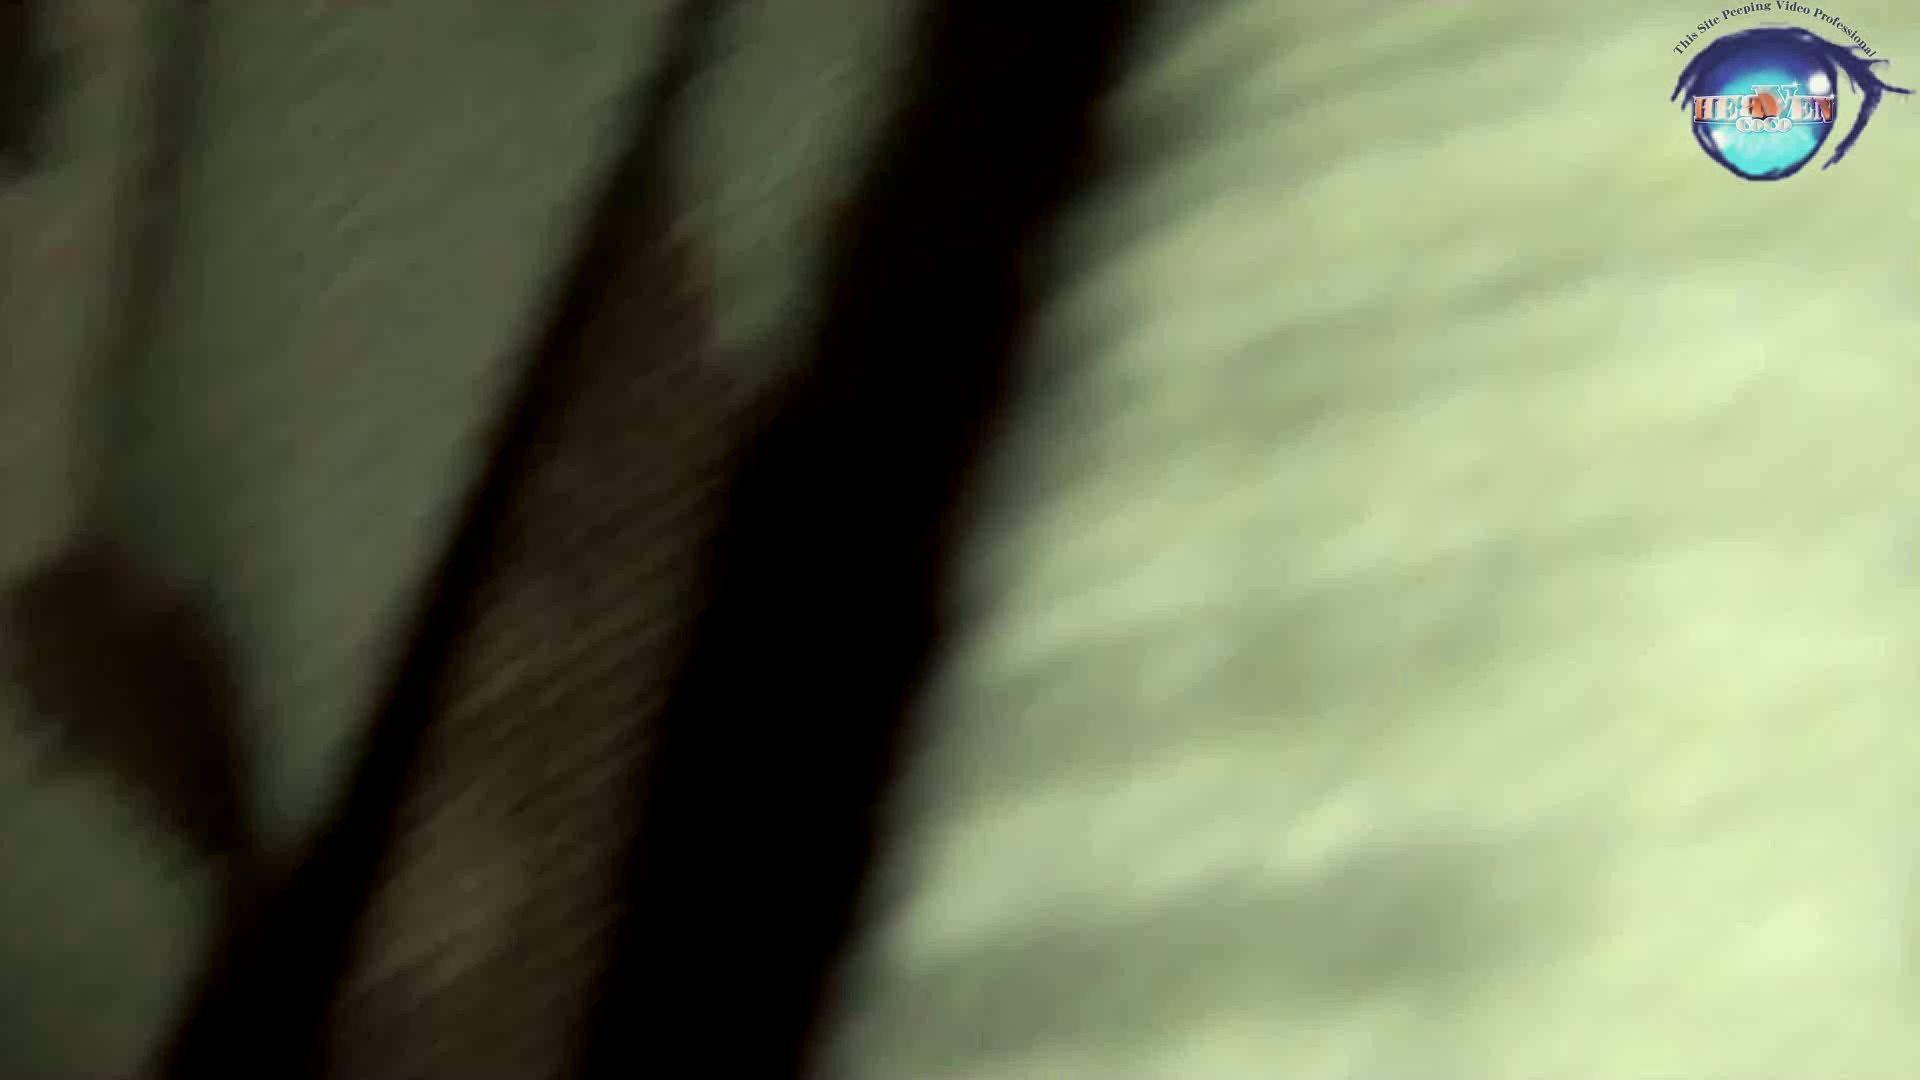 睡魔 シュウライ 第参十話 前半 乳首 オメコ無修正動画無料 75枚